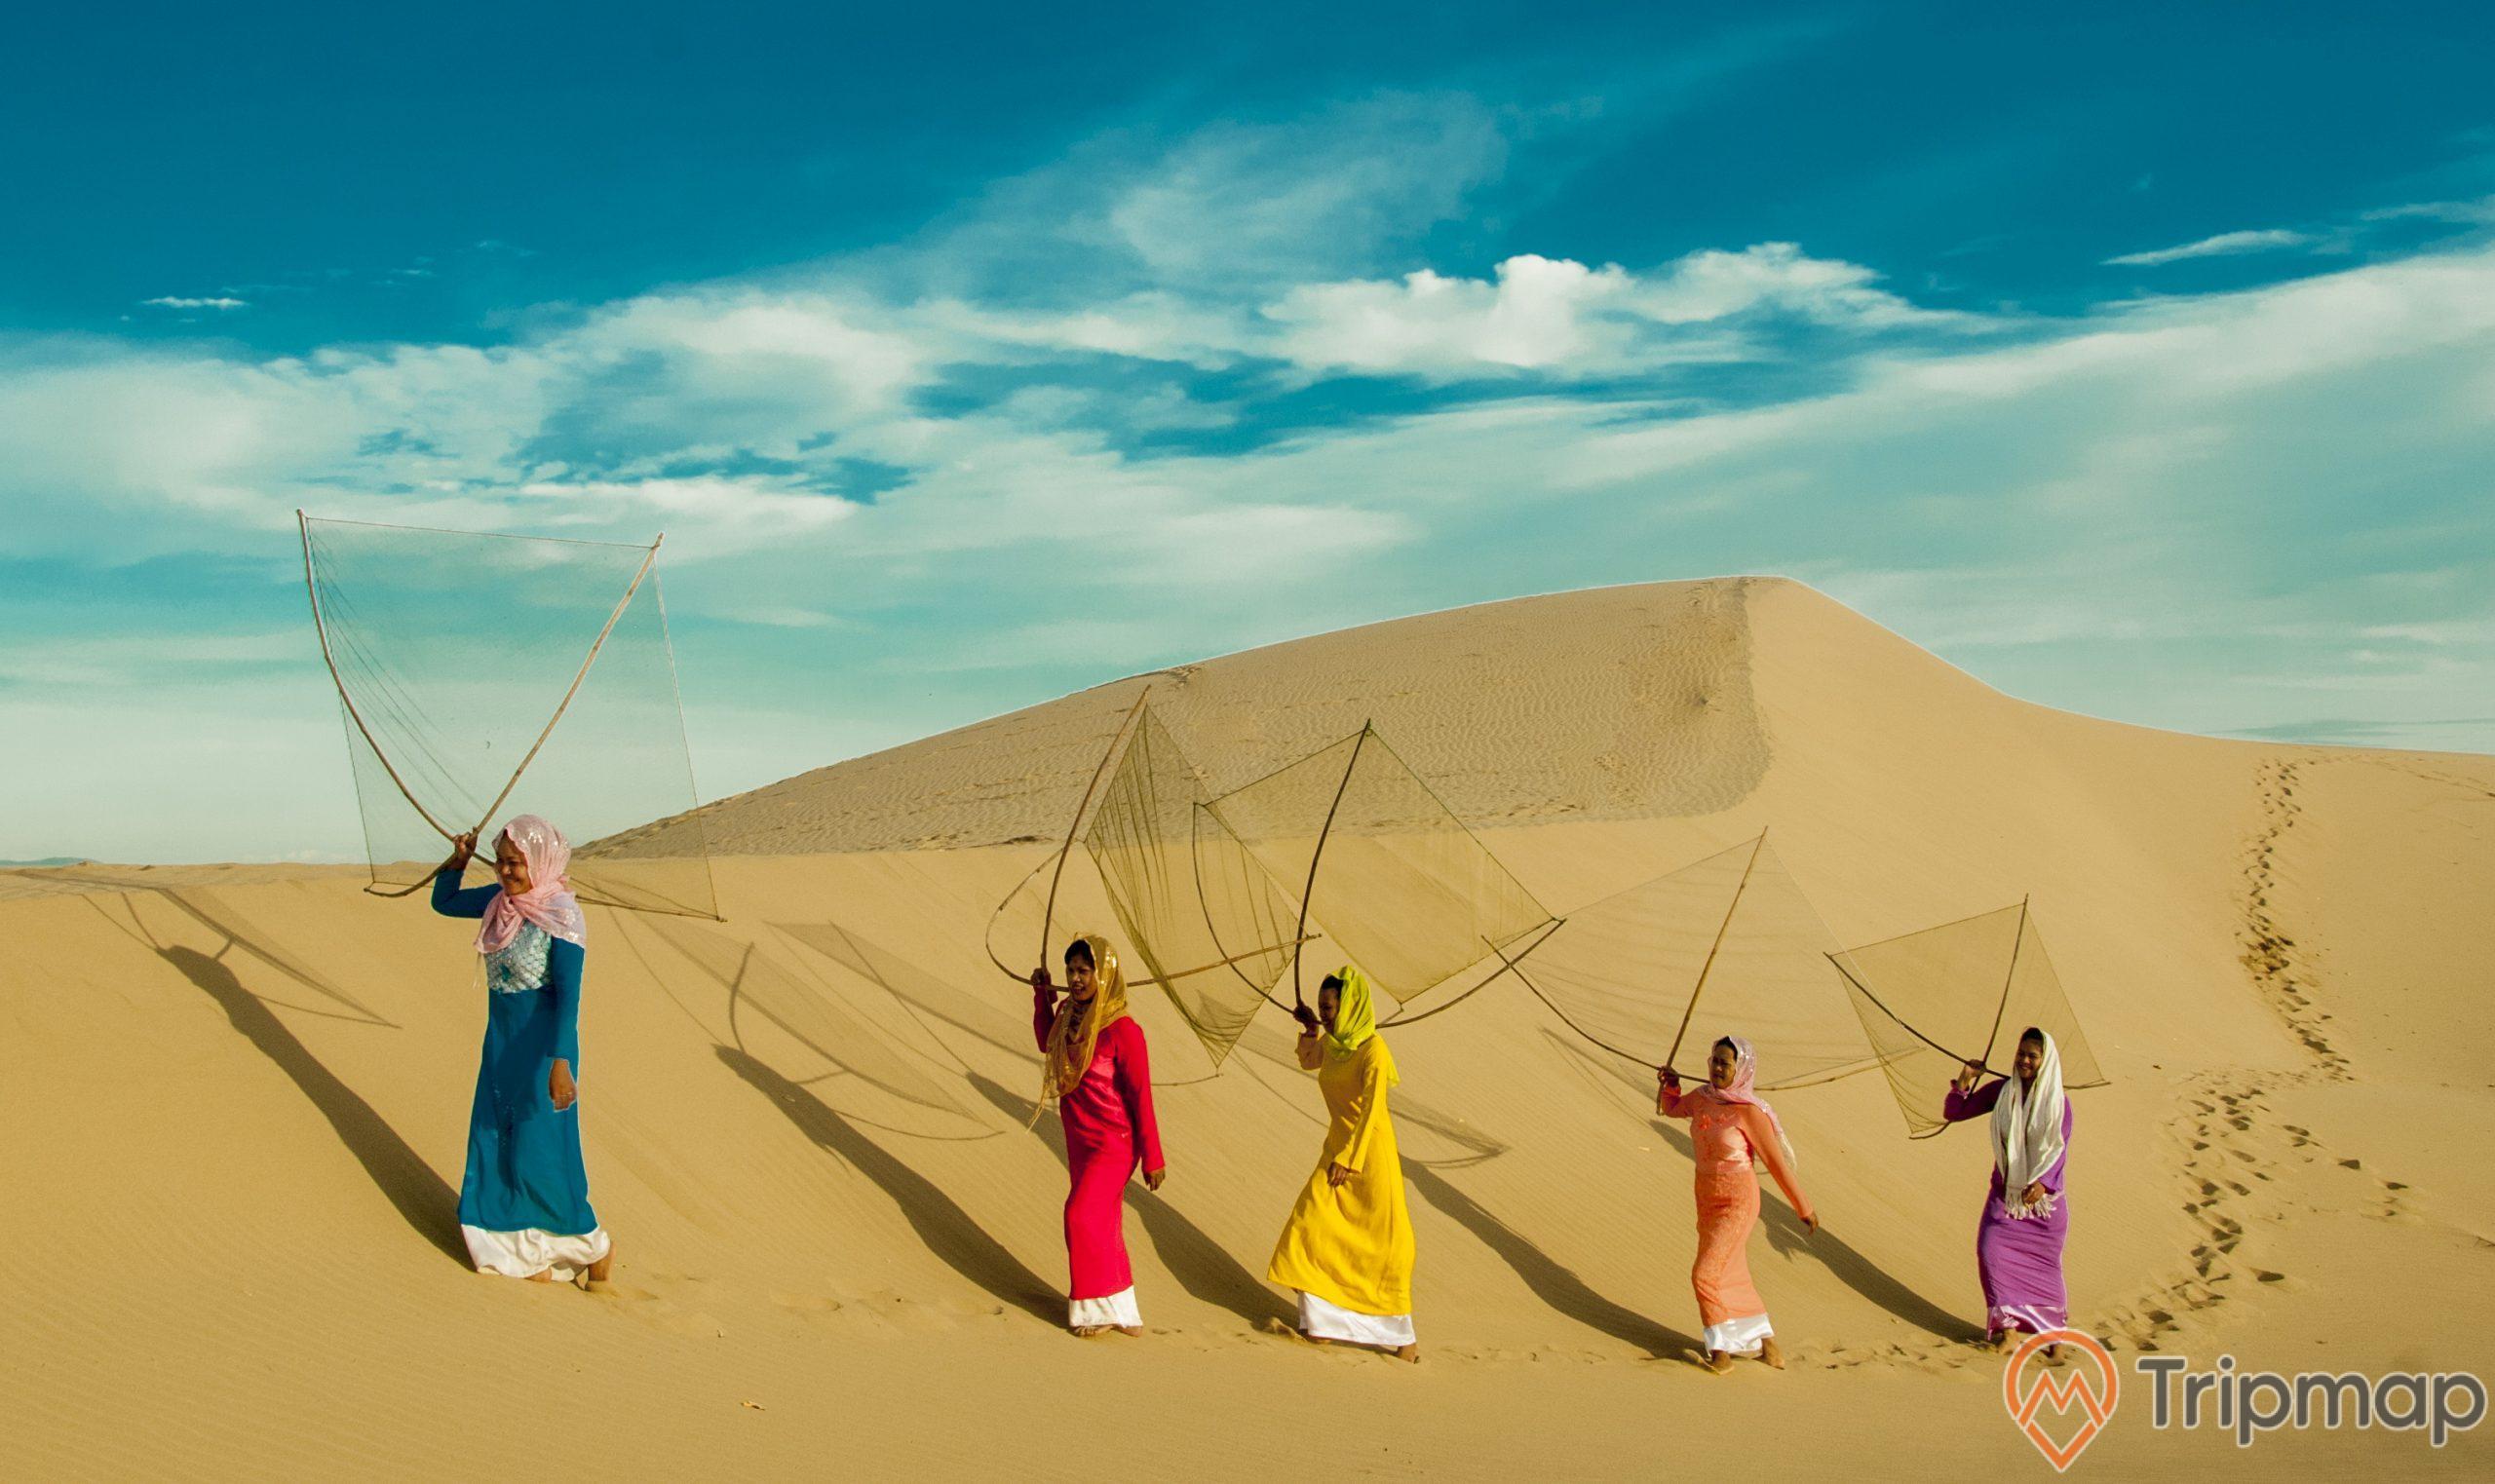 Cồn cát Nam Cương - Du lịch Ninh Thuận